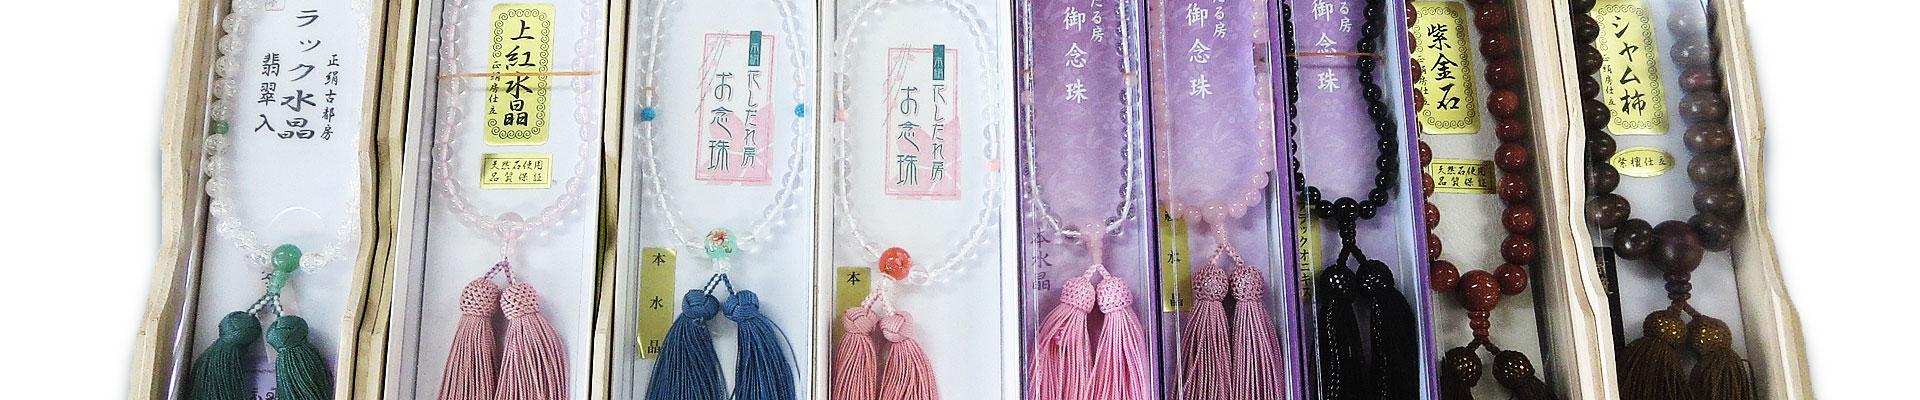 三愛仏壇プラザ